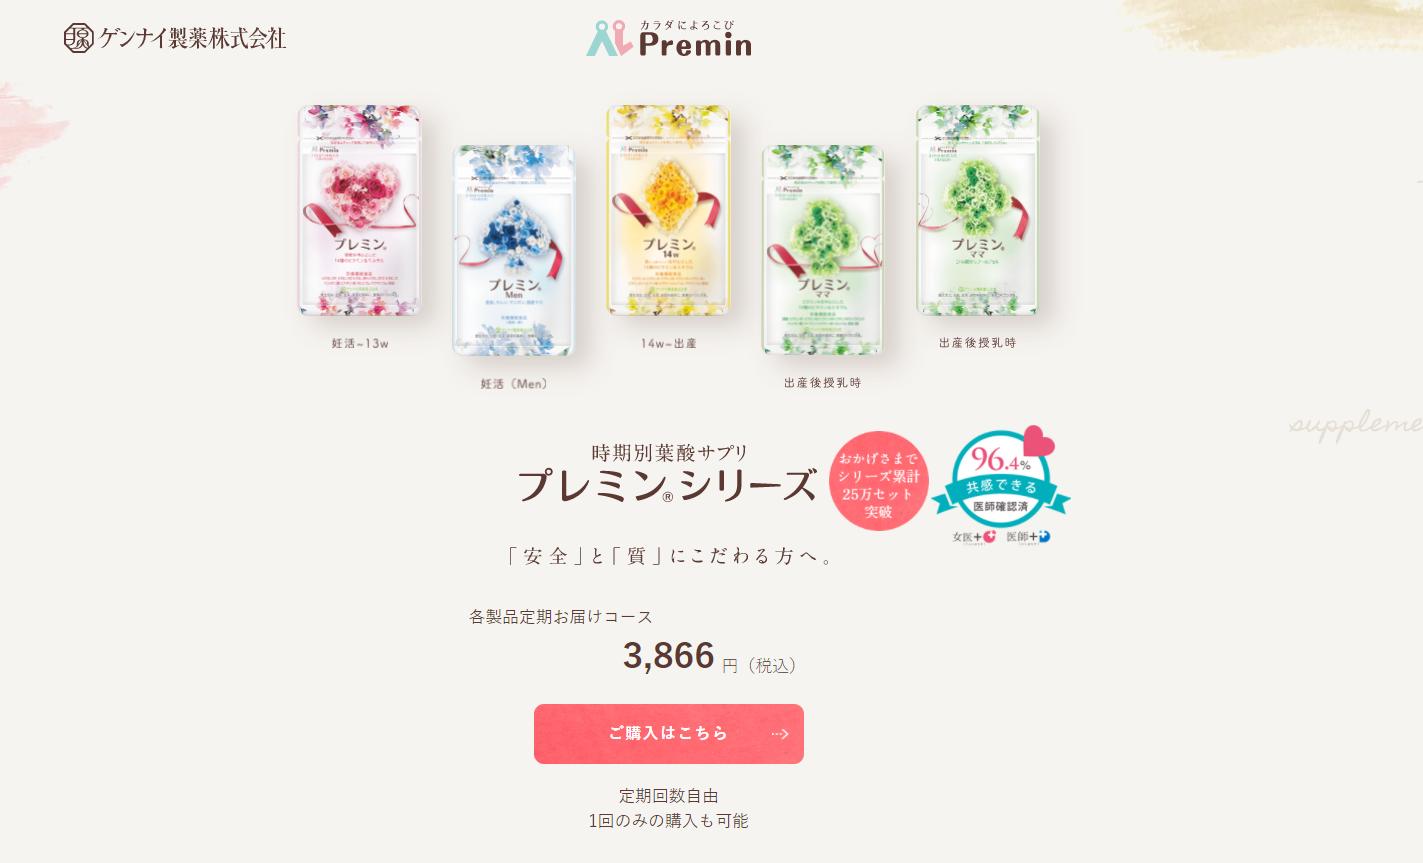 「プレミンランイク」公式サイトトップ画面